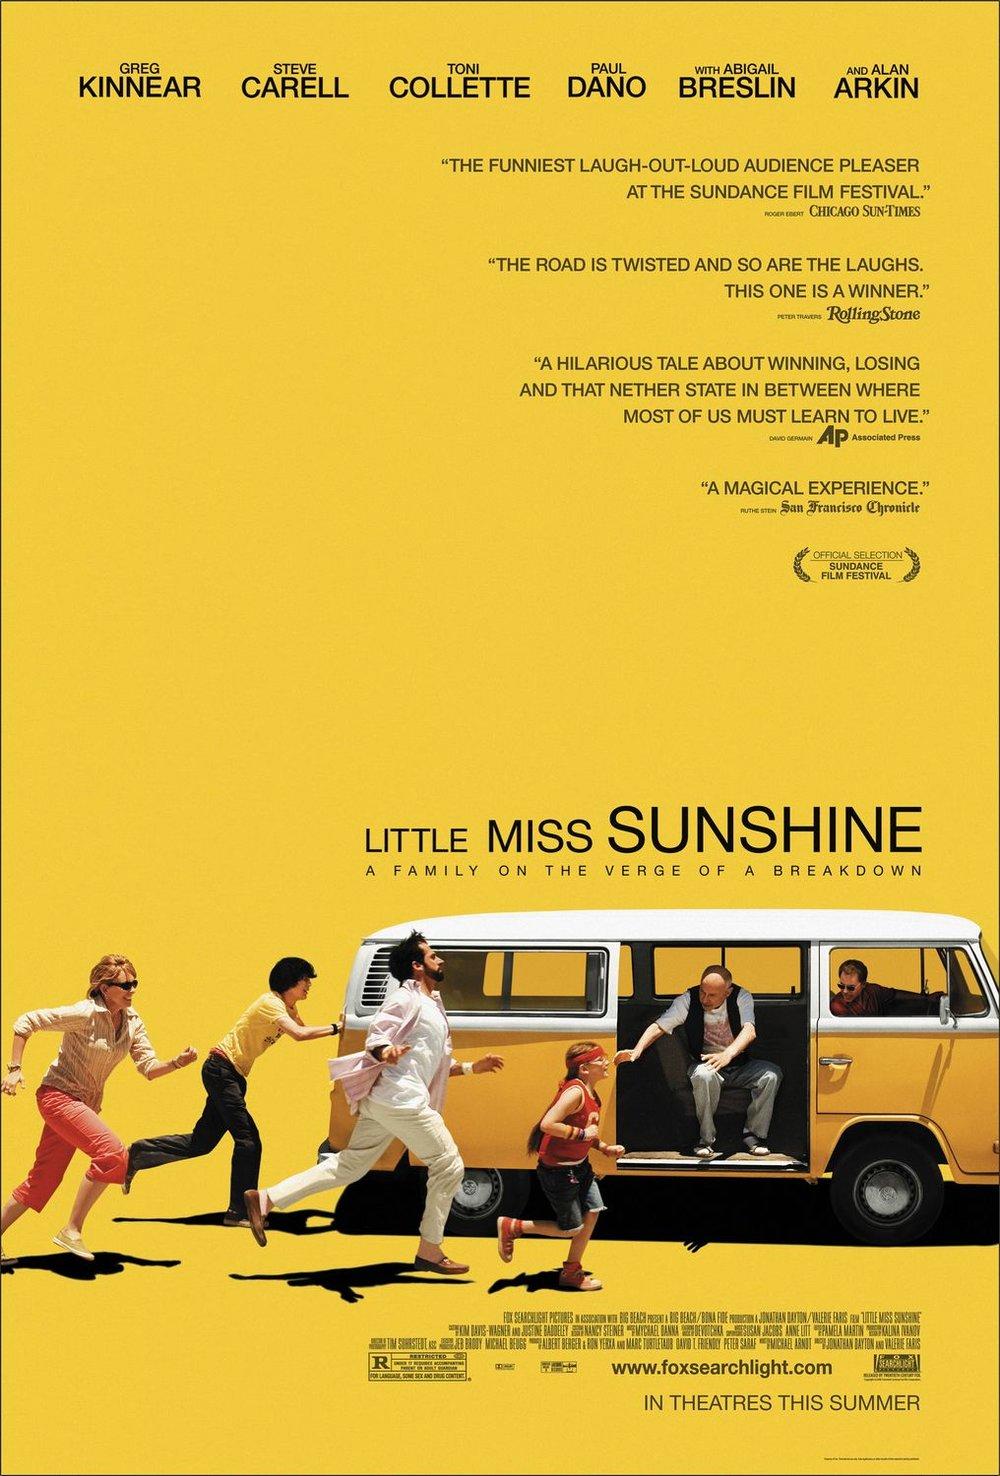 Little Miss Sunshine Poster Design